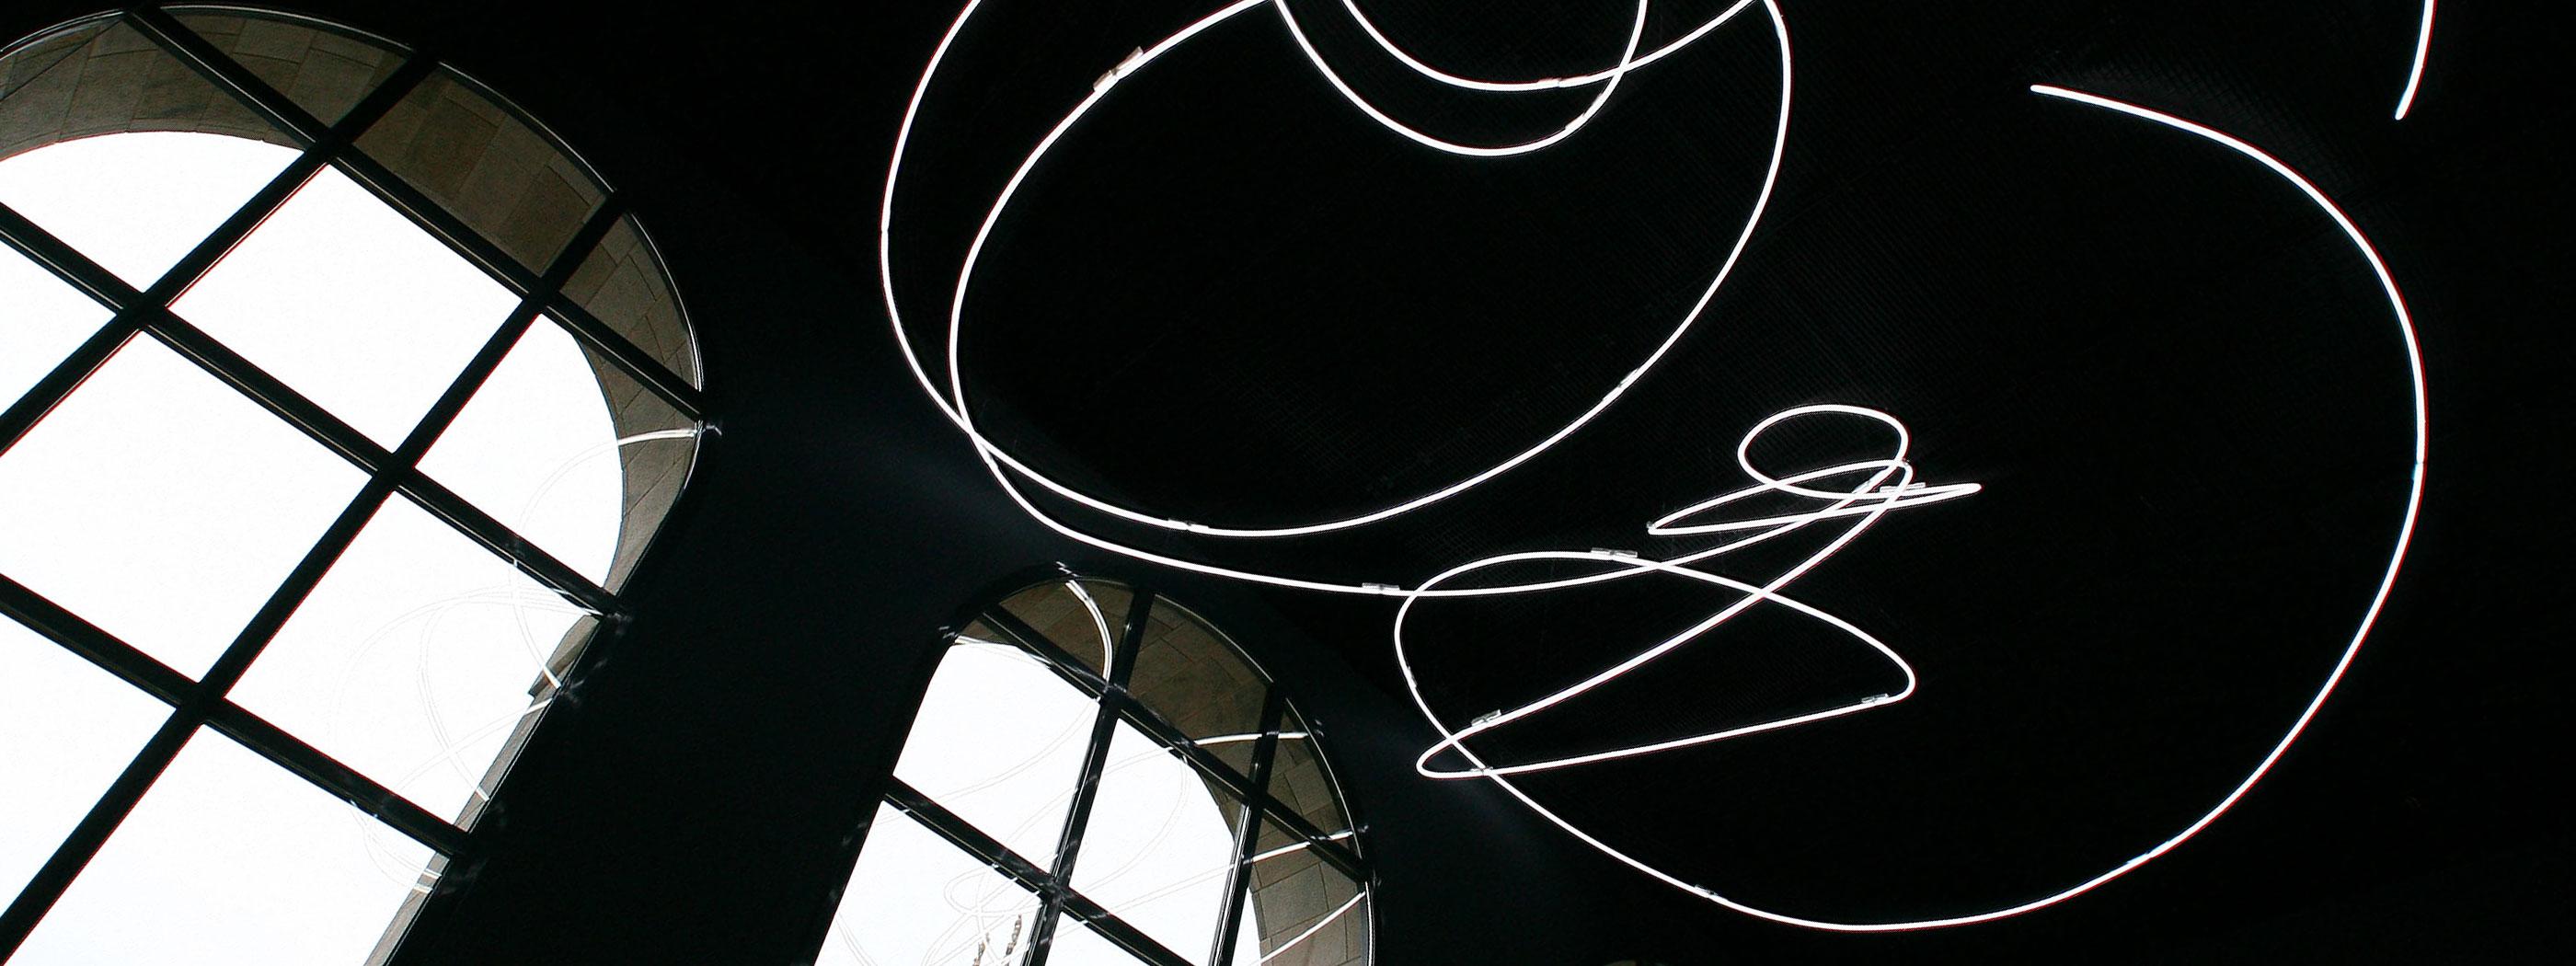 Lampada al neon di attilio Fontana, oggi esposta al Museo del Novecento a MIlano